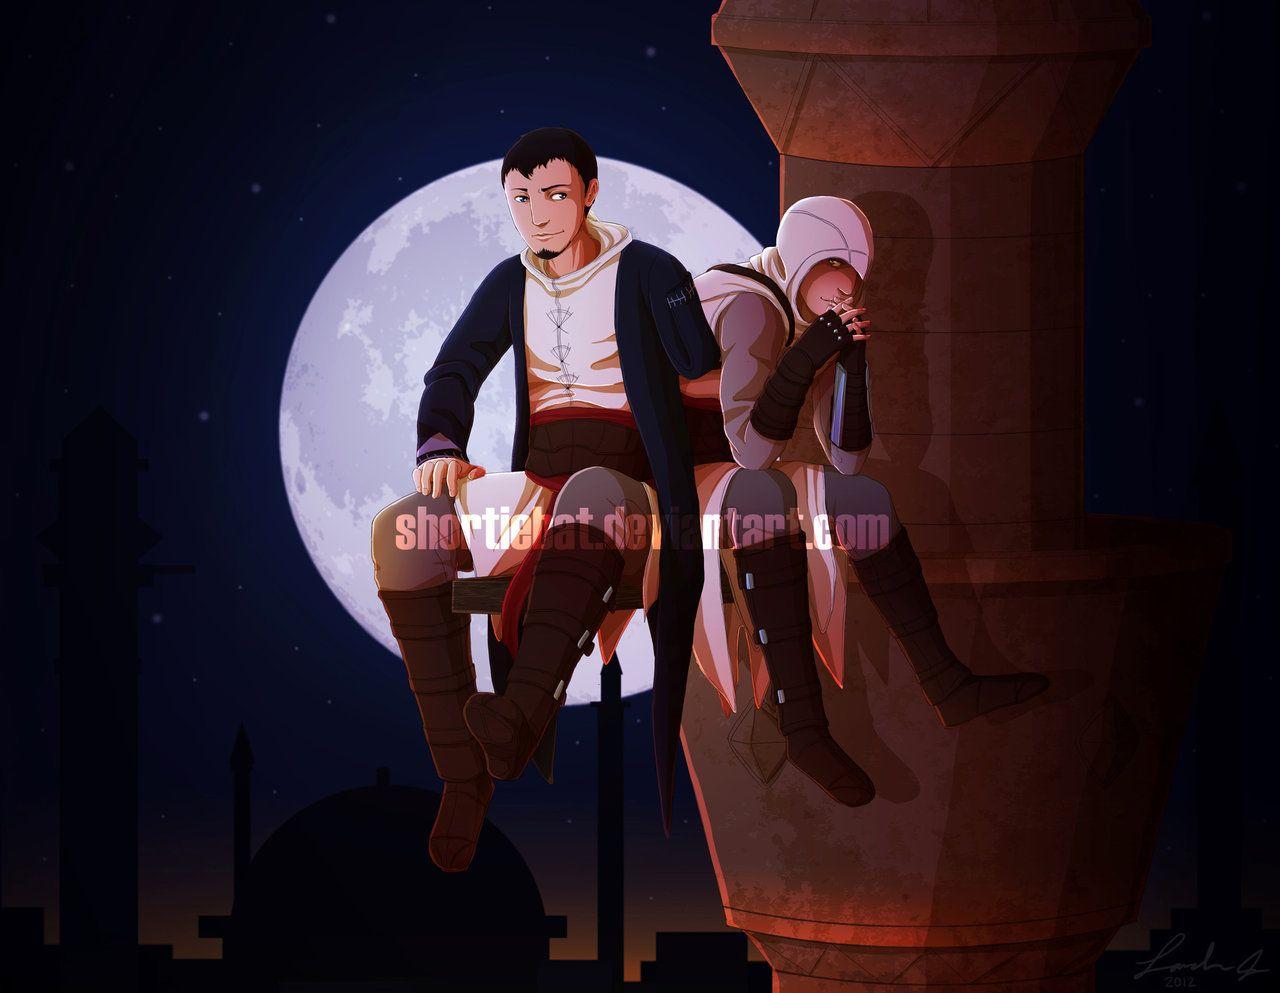 Assassin's Creed - Altaïr ibn La-Ahad x Malik Al-Sayf - AltMal